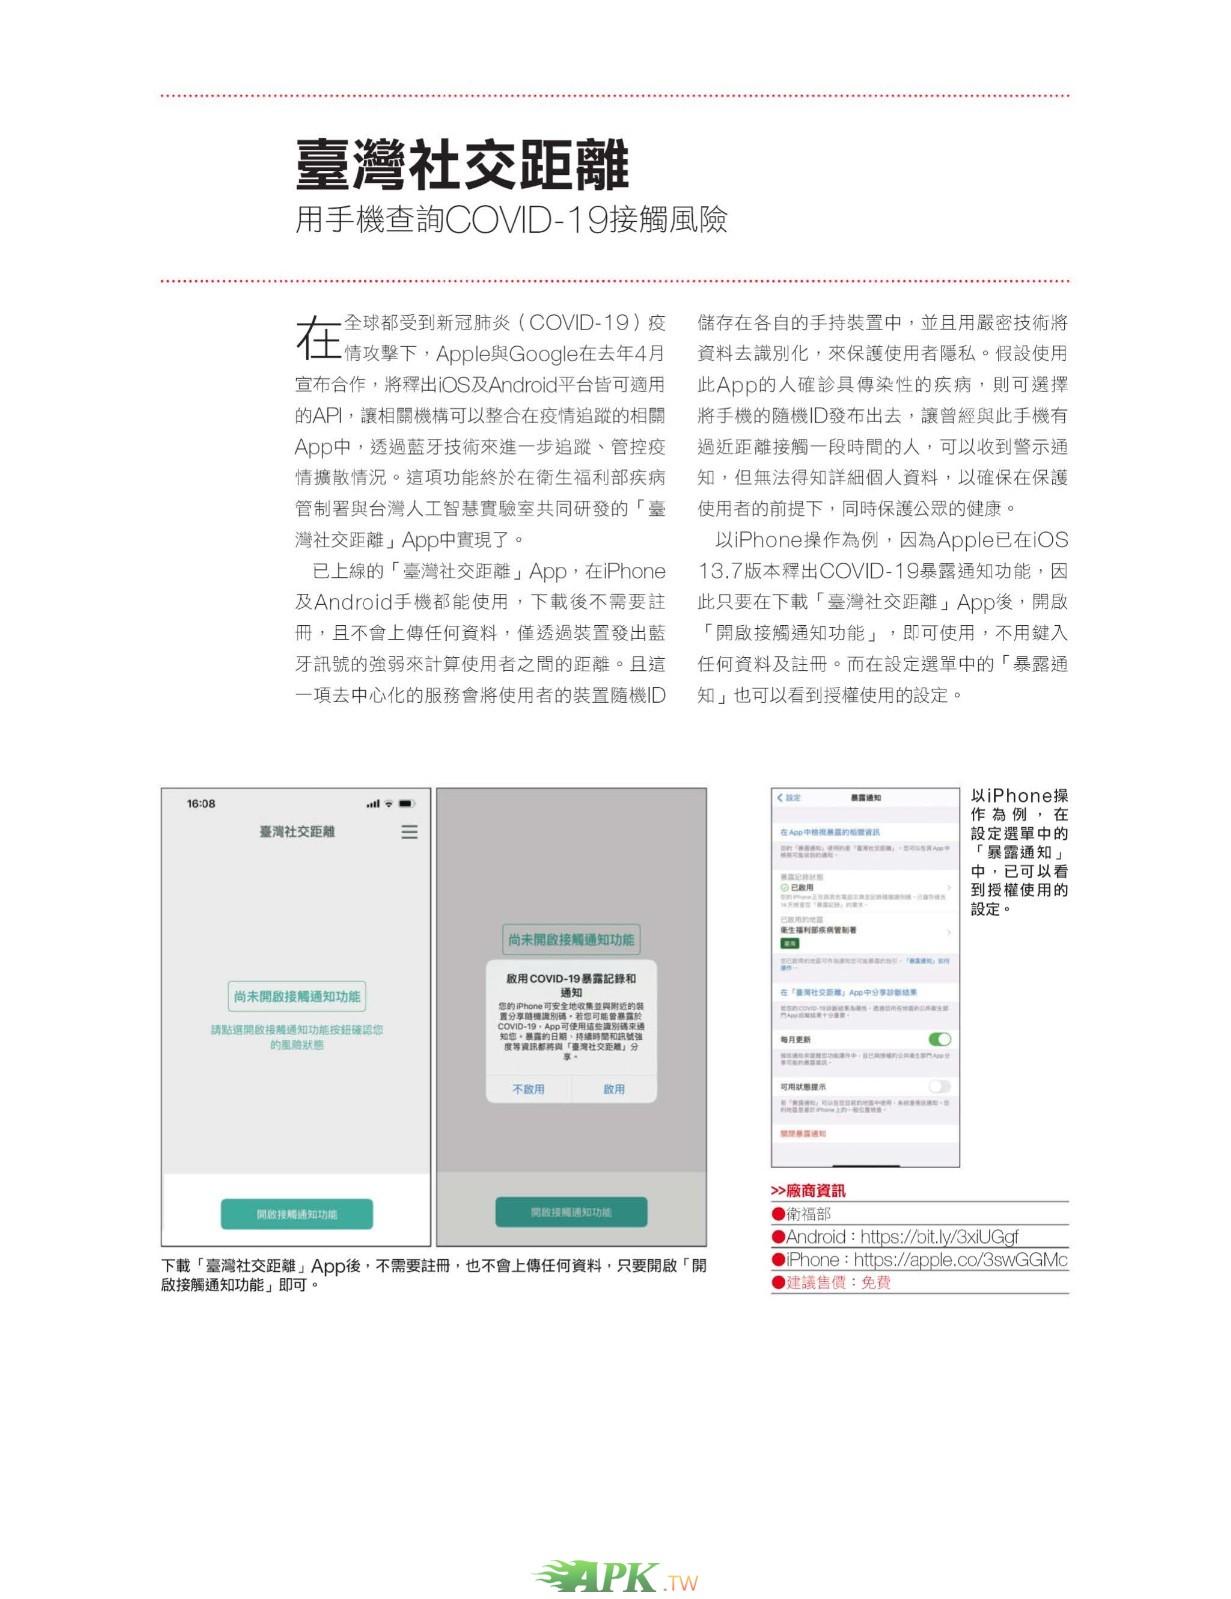 臺灣社交距離用手機查詢COVID-19接觸風險.jpg